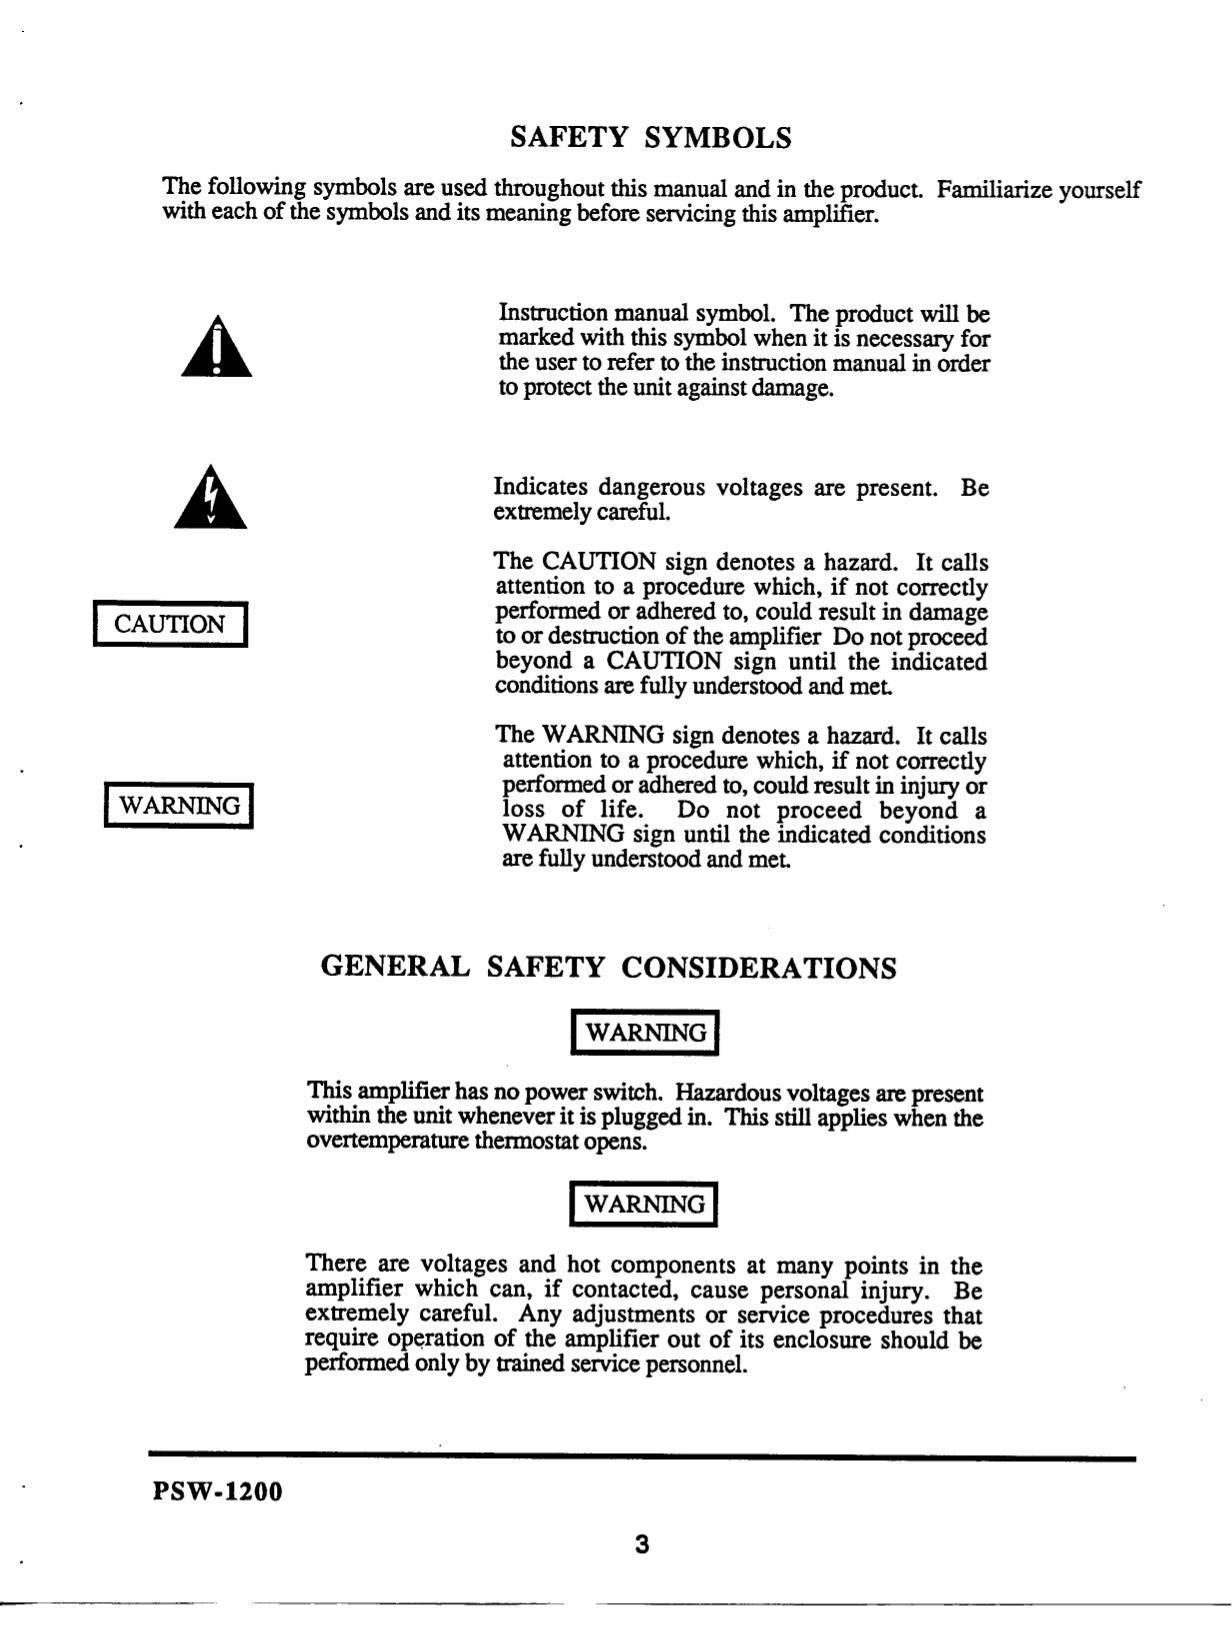 PDF manual for JBL Speaker PSW1200